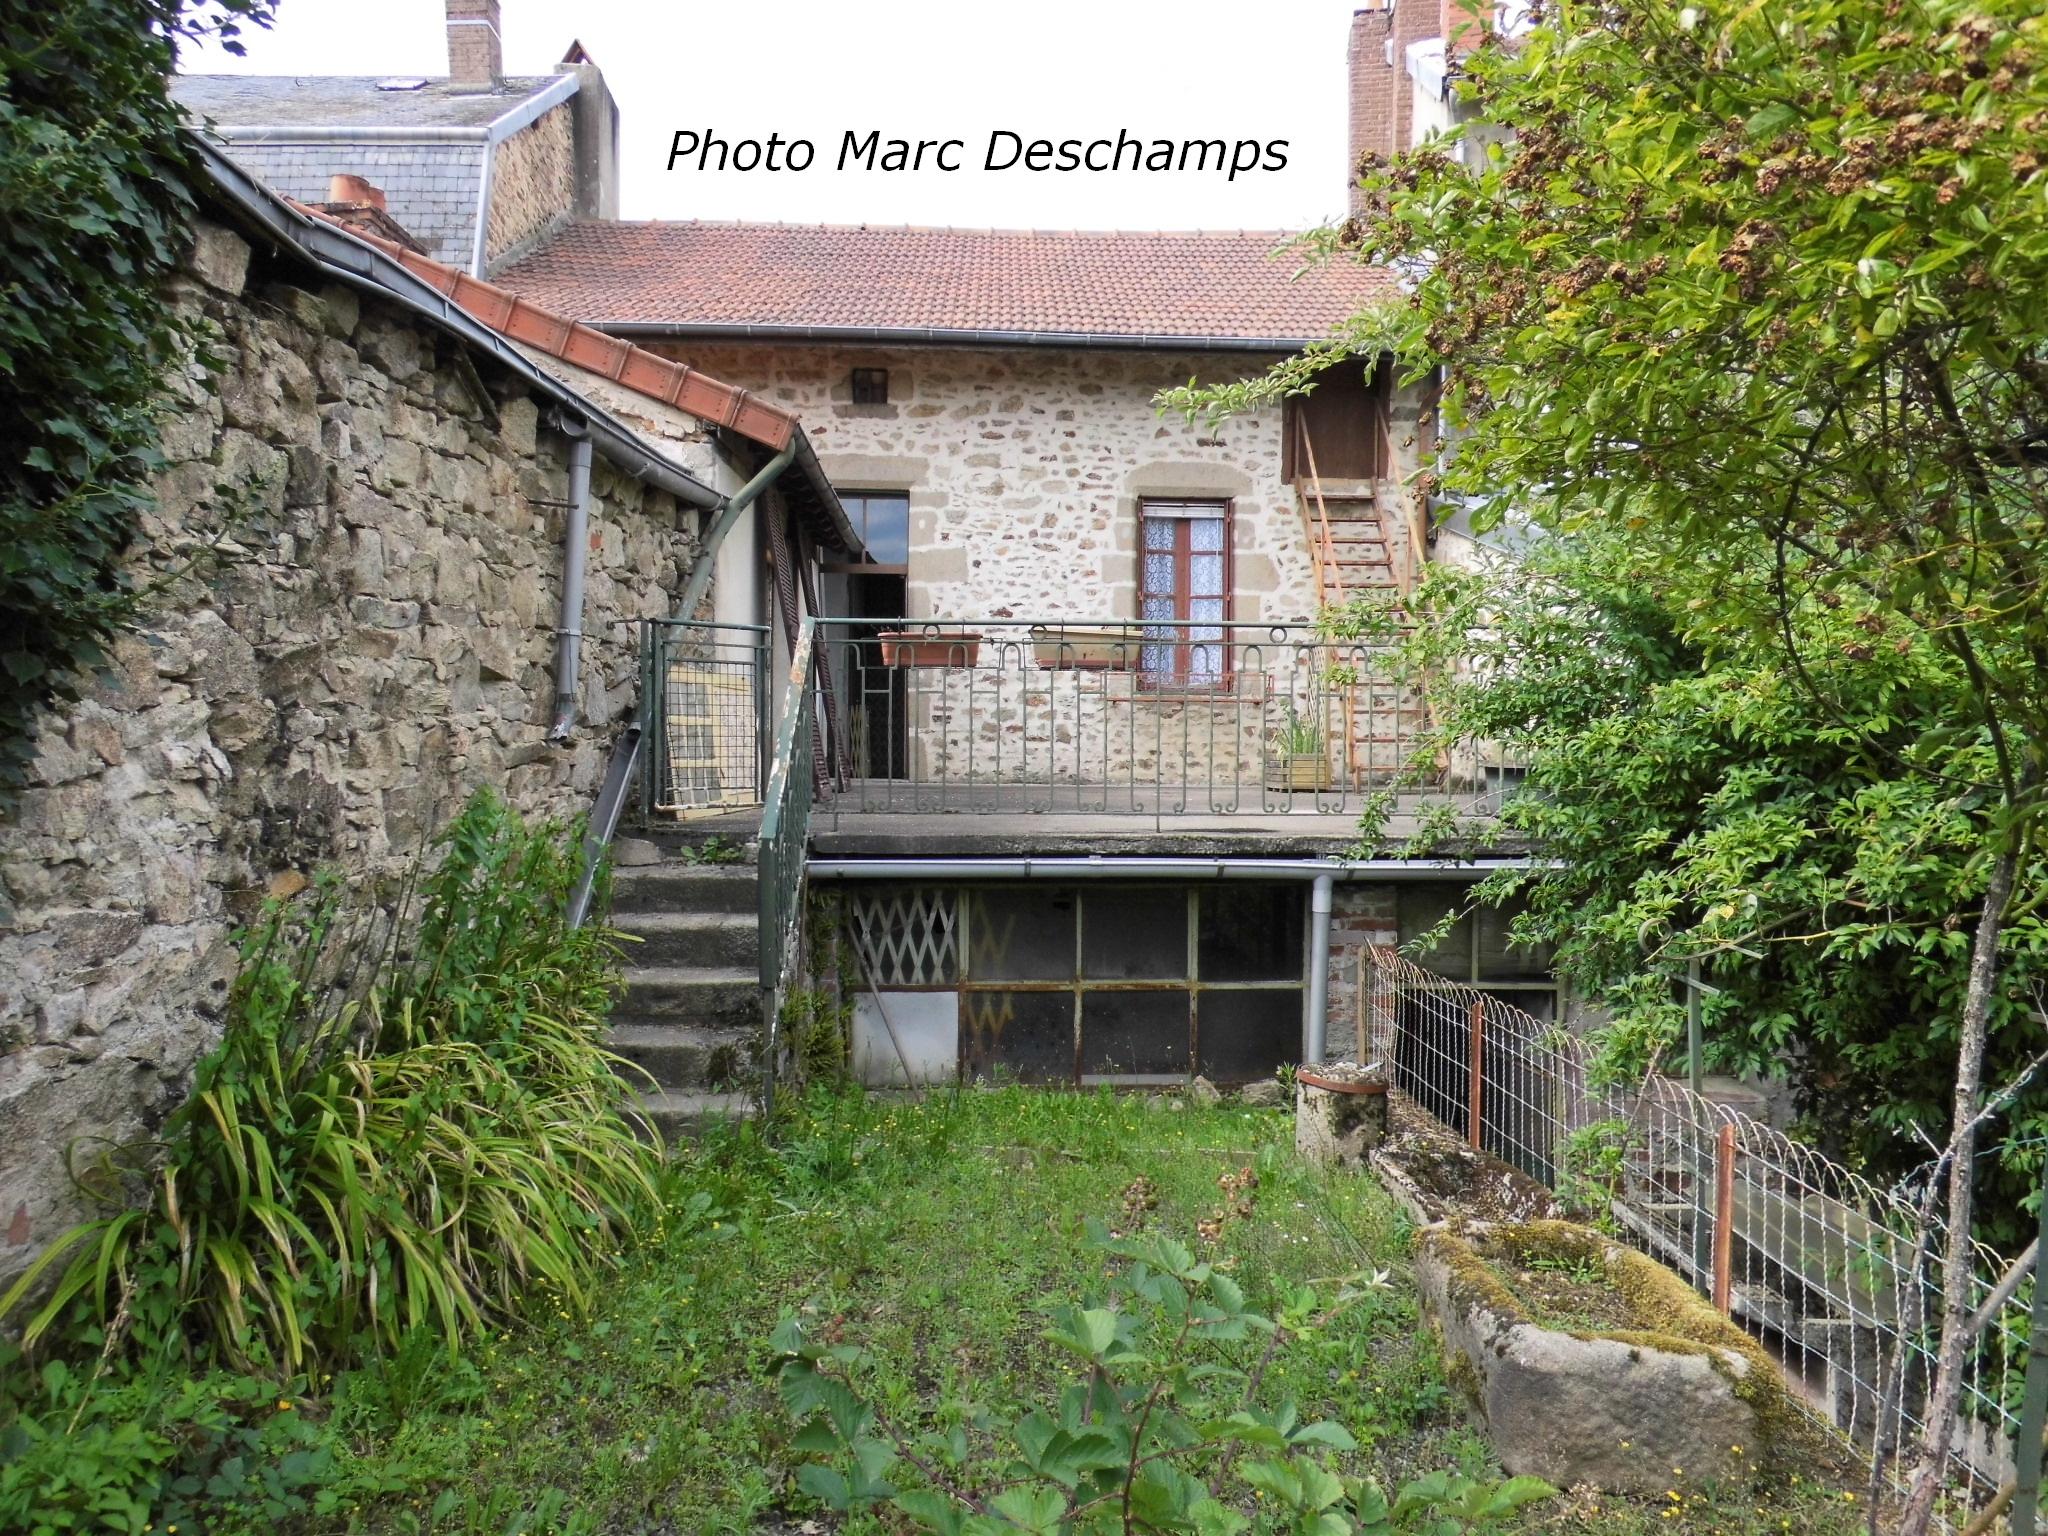 maison villa vente bourganeuf m tres carr s 94 dans le domaine de secteur creuse bourganeuf creuse est gueret sud ref 4425